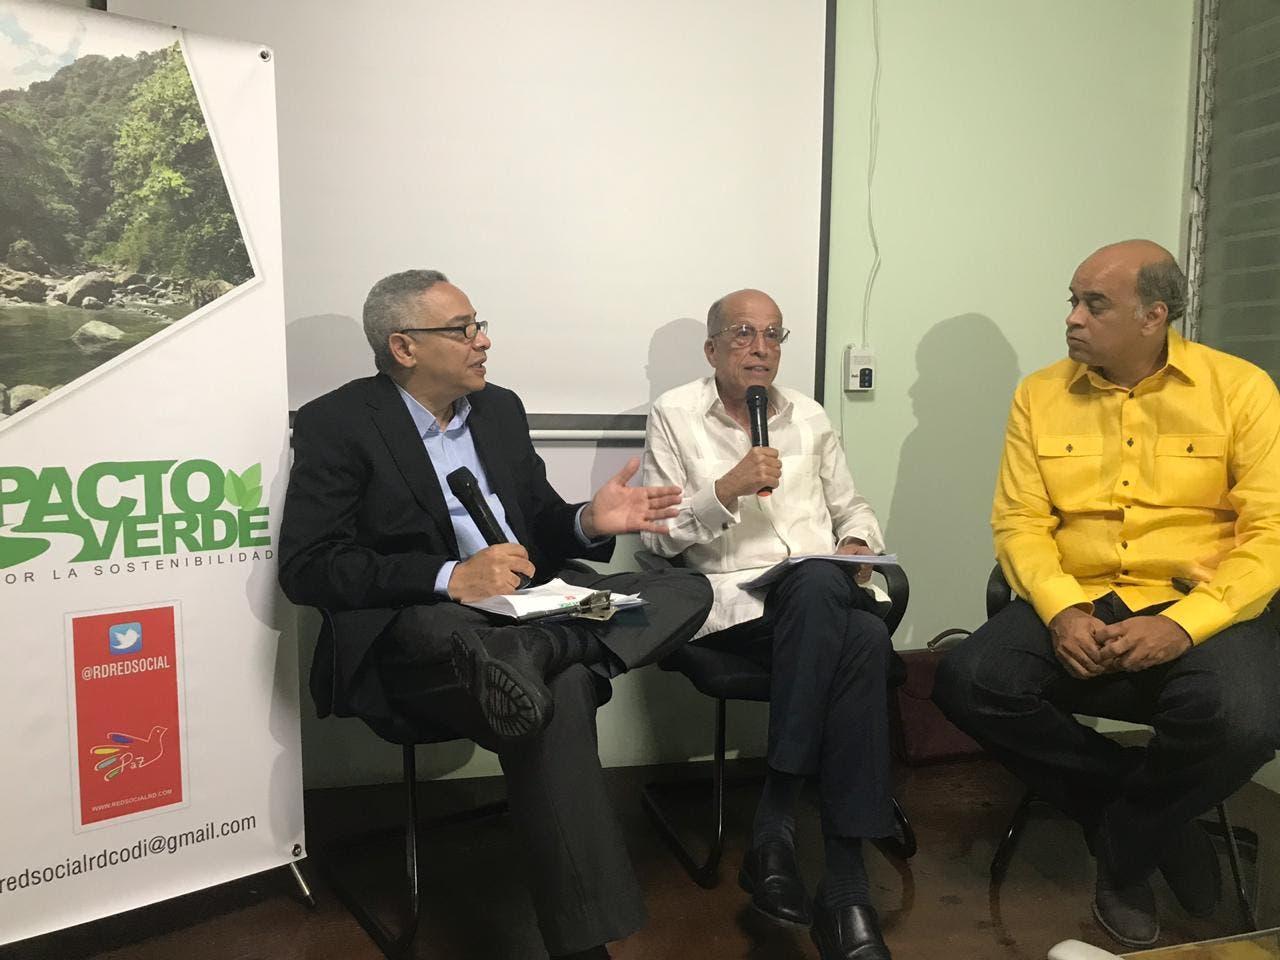 Dan inicio a los «Diálogos hacia el Pacto Verde por la Sostenibilidad» con Max Puig